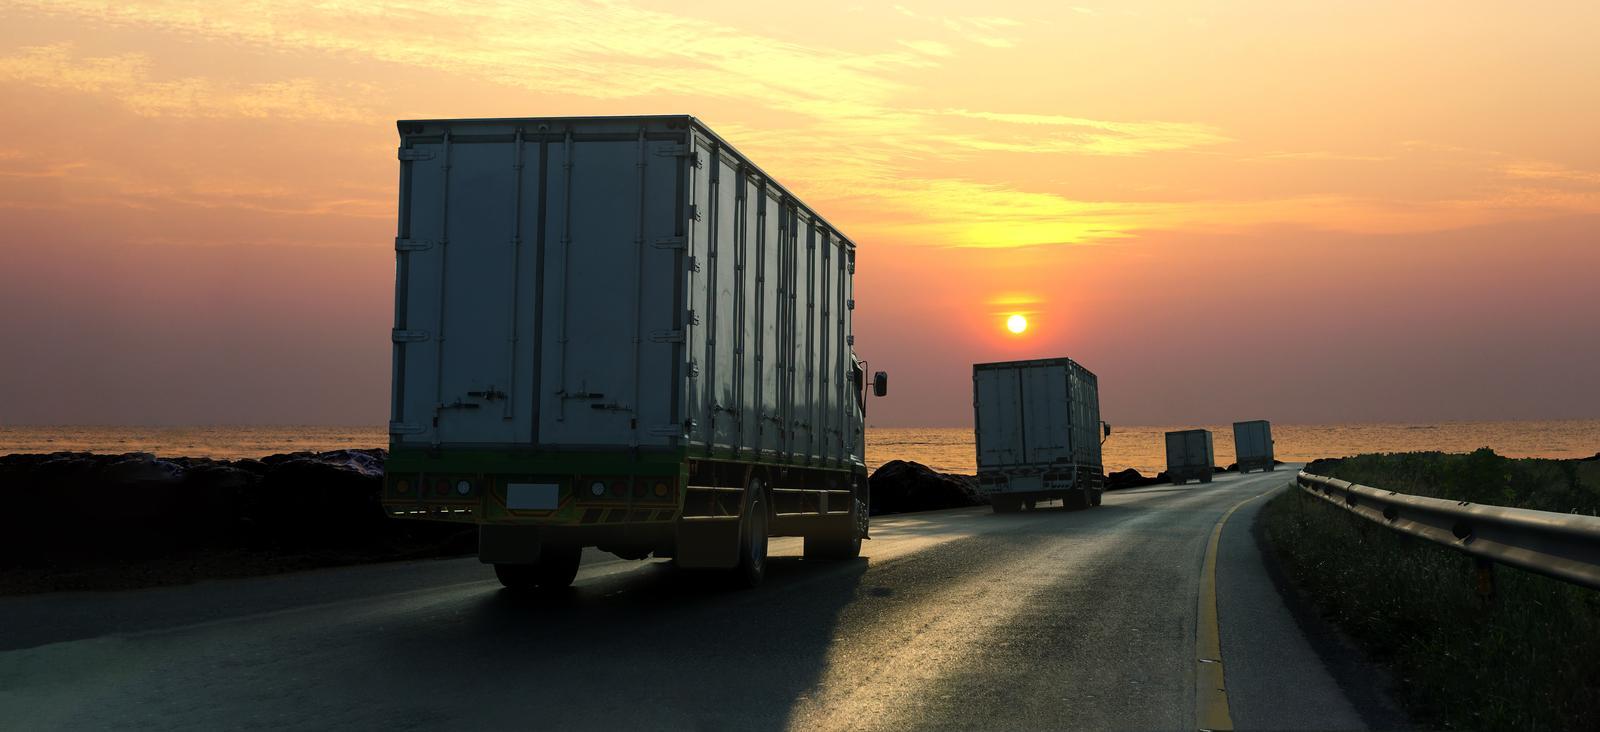 Kaubavedu maanteel Tallinnas